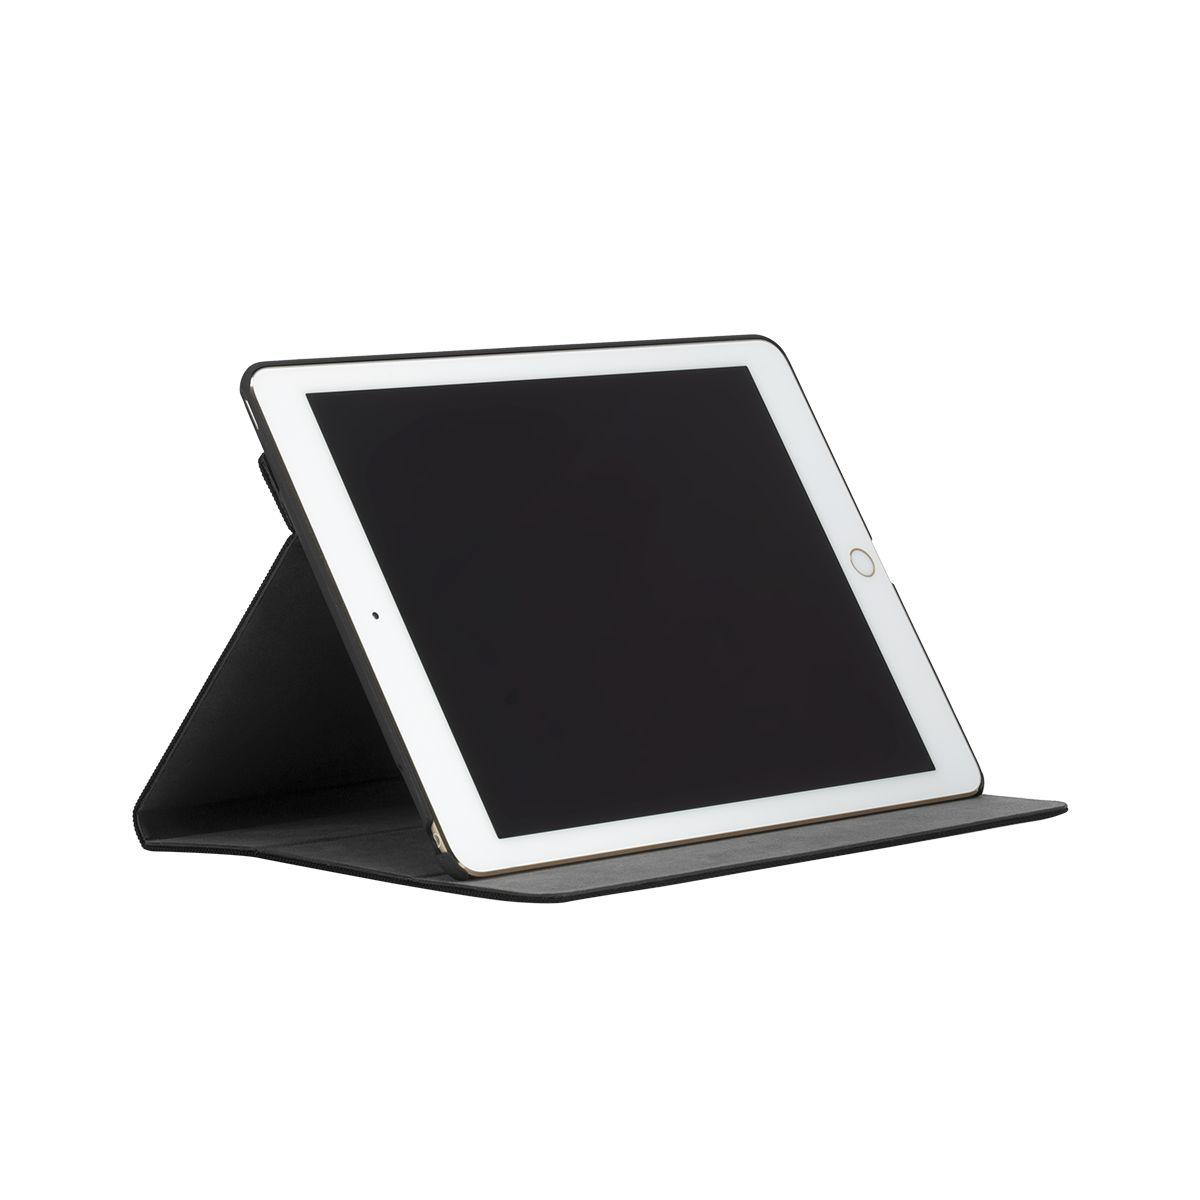 Etui tablette incase ipad pro 9.7'' noir - 20% de remise imm�diate avec le code : cadeau20 (photo)